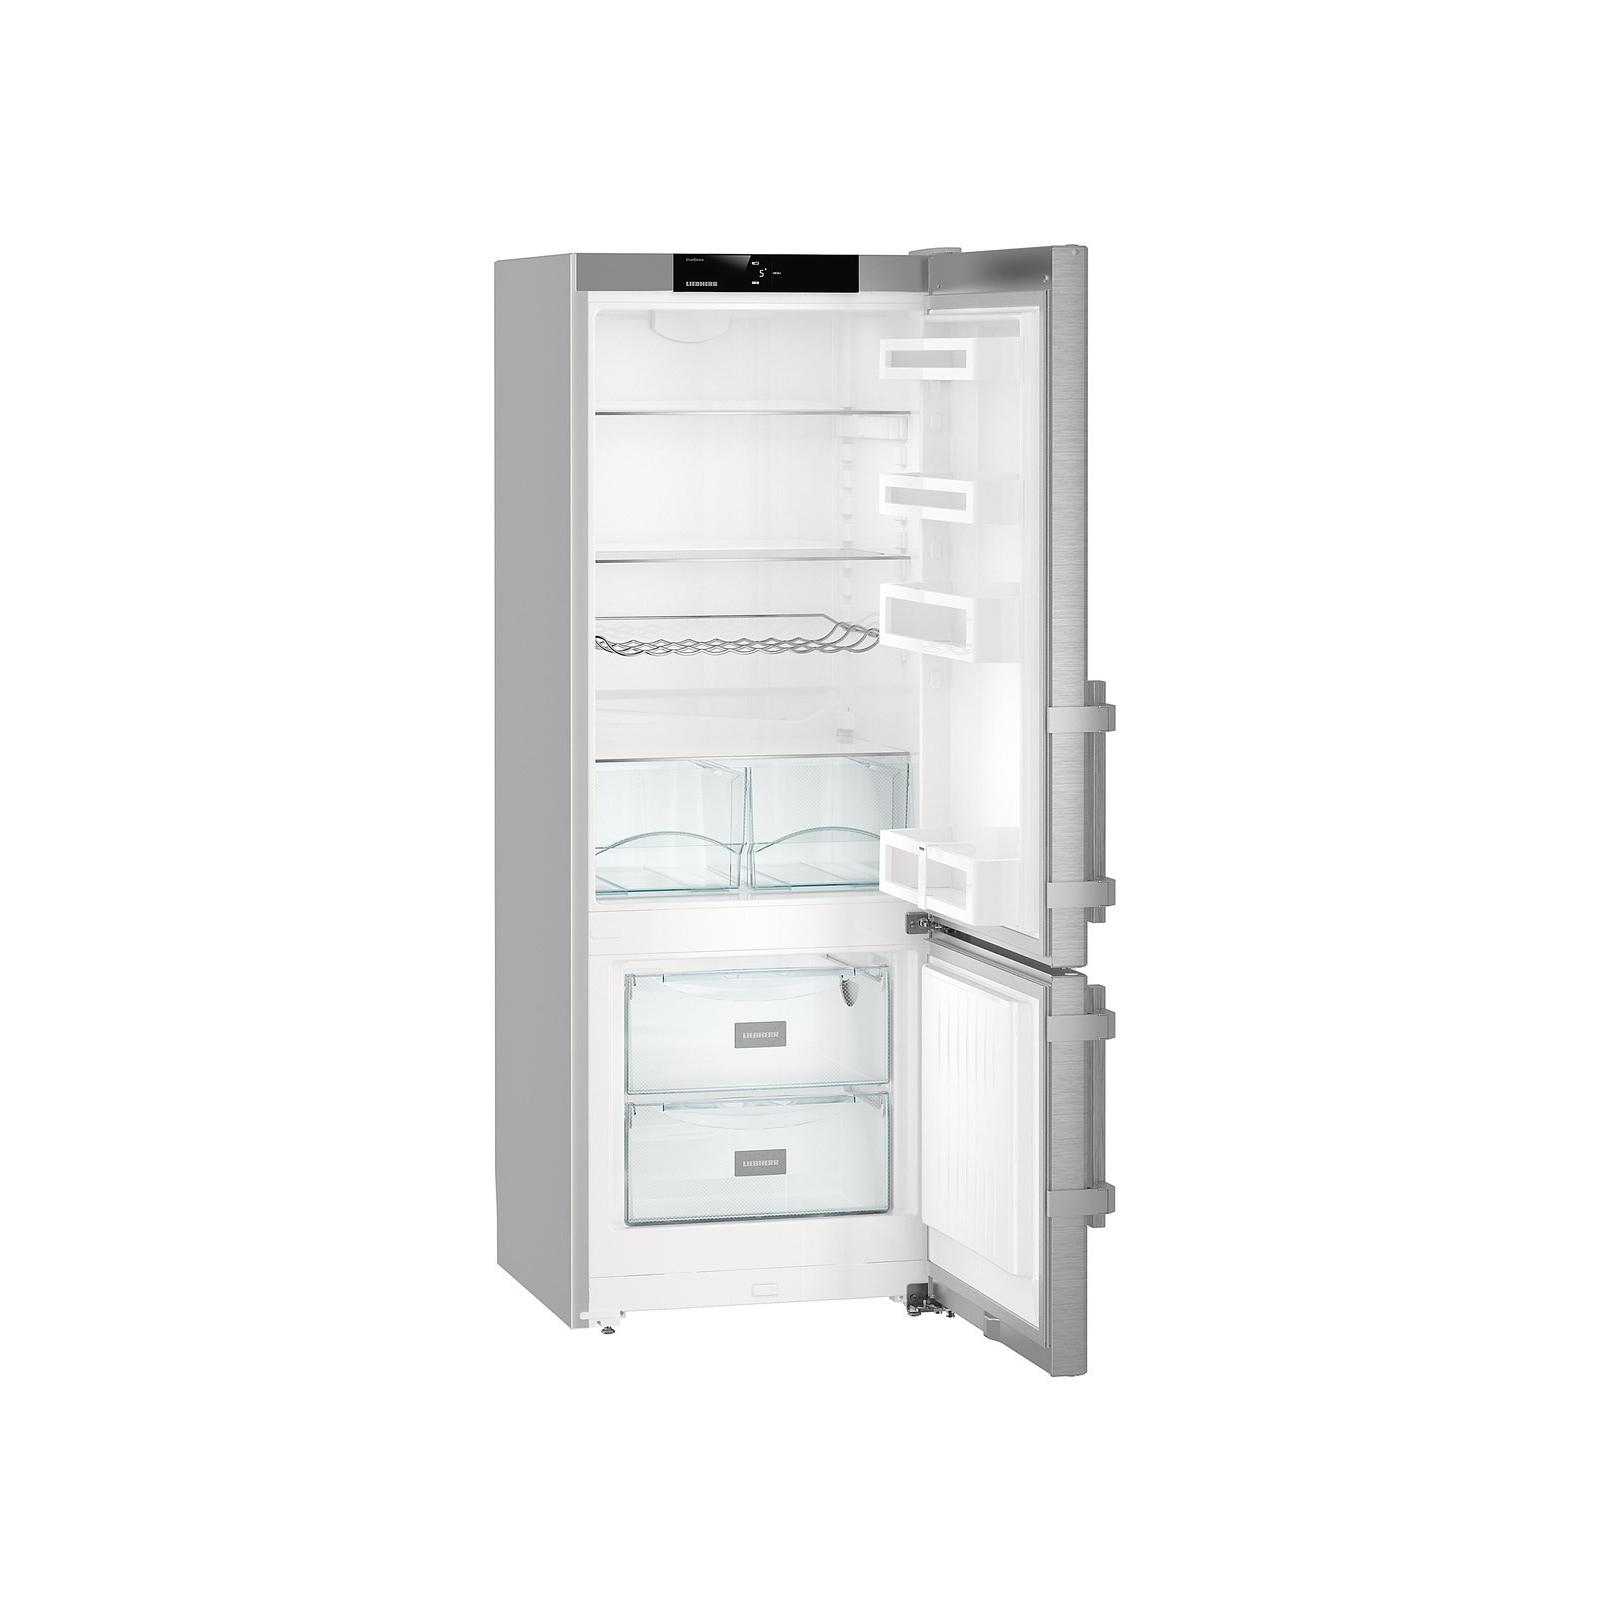 Холодильник Liebherr CUef 2915 изображение 3